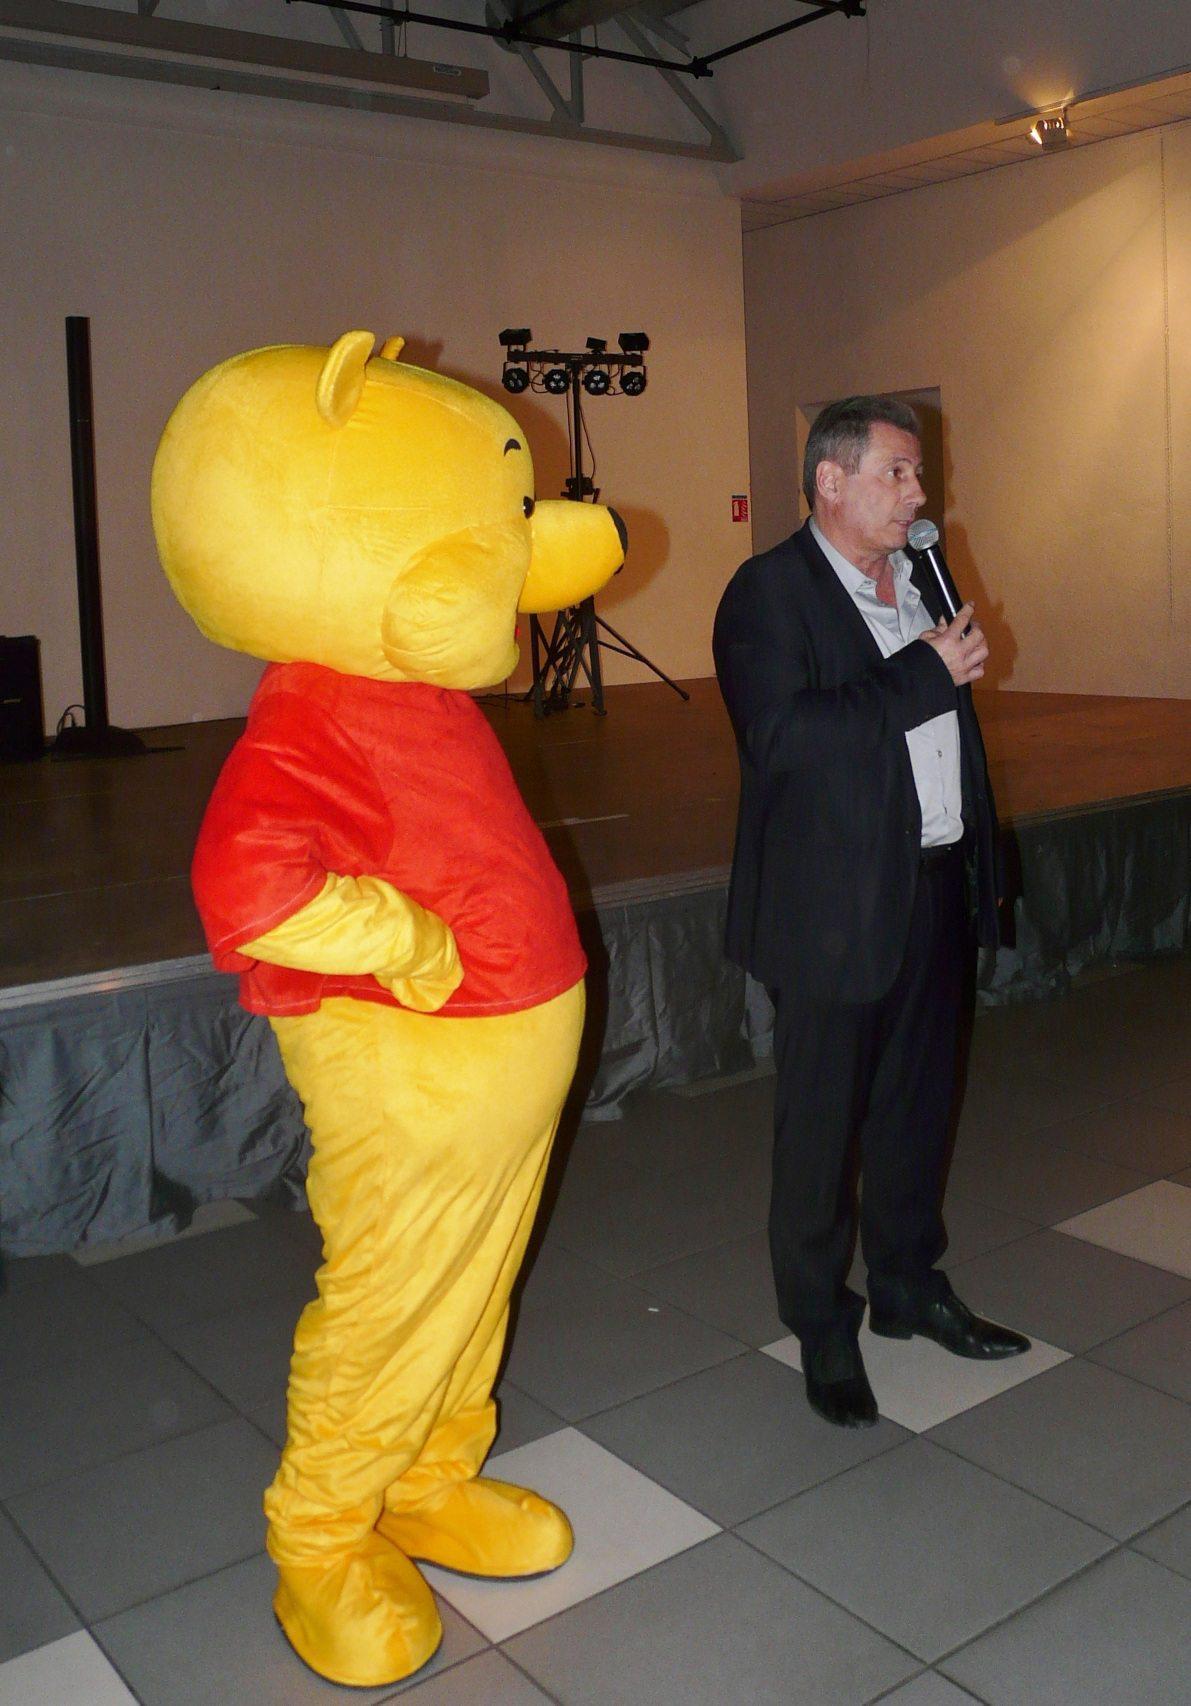 Le maire Patrick Martinelli, ici en compagnie de Winnie l'ourson, a accueilli le personnel communal.